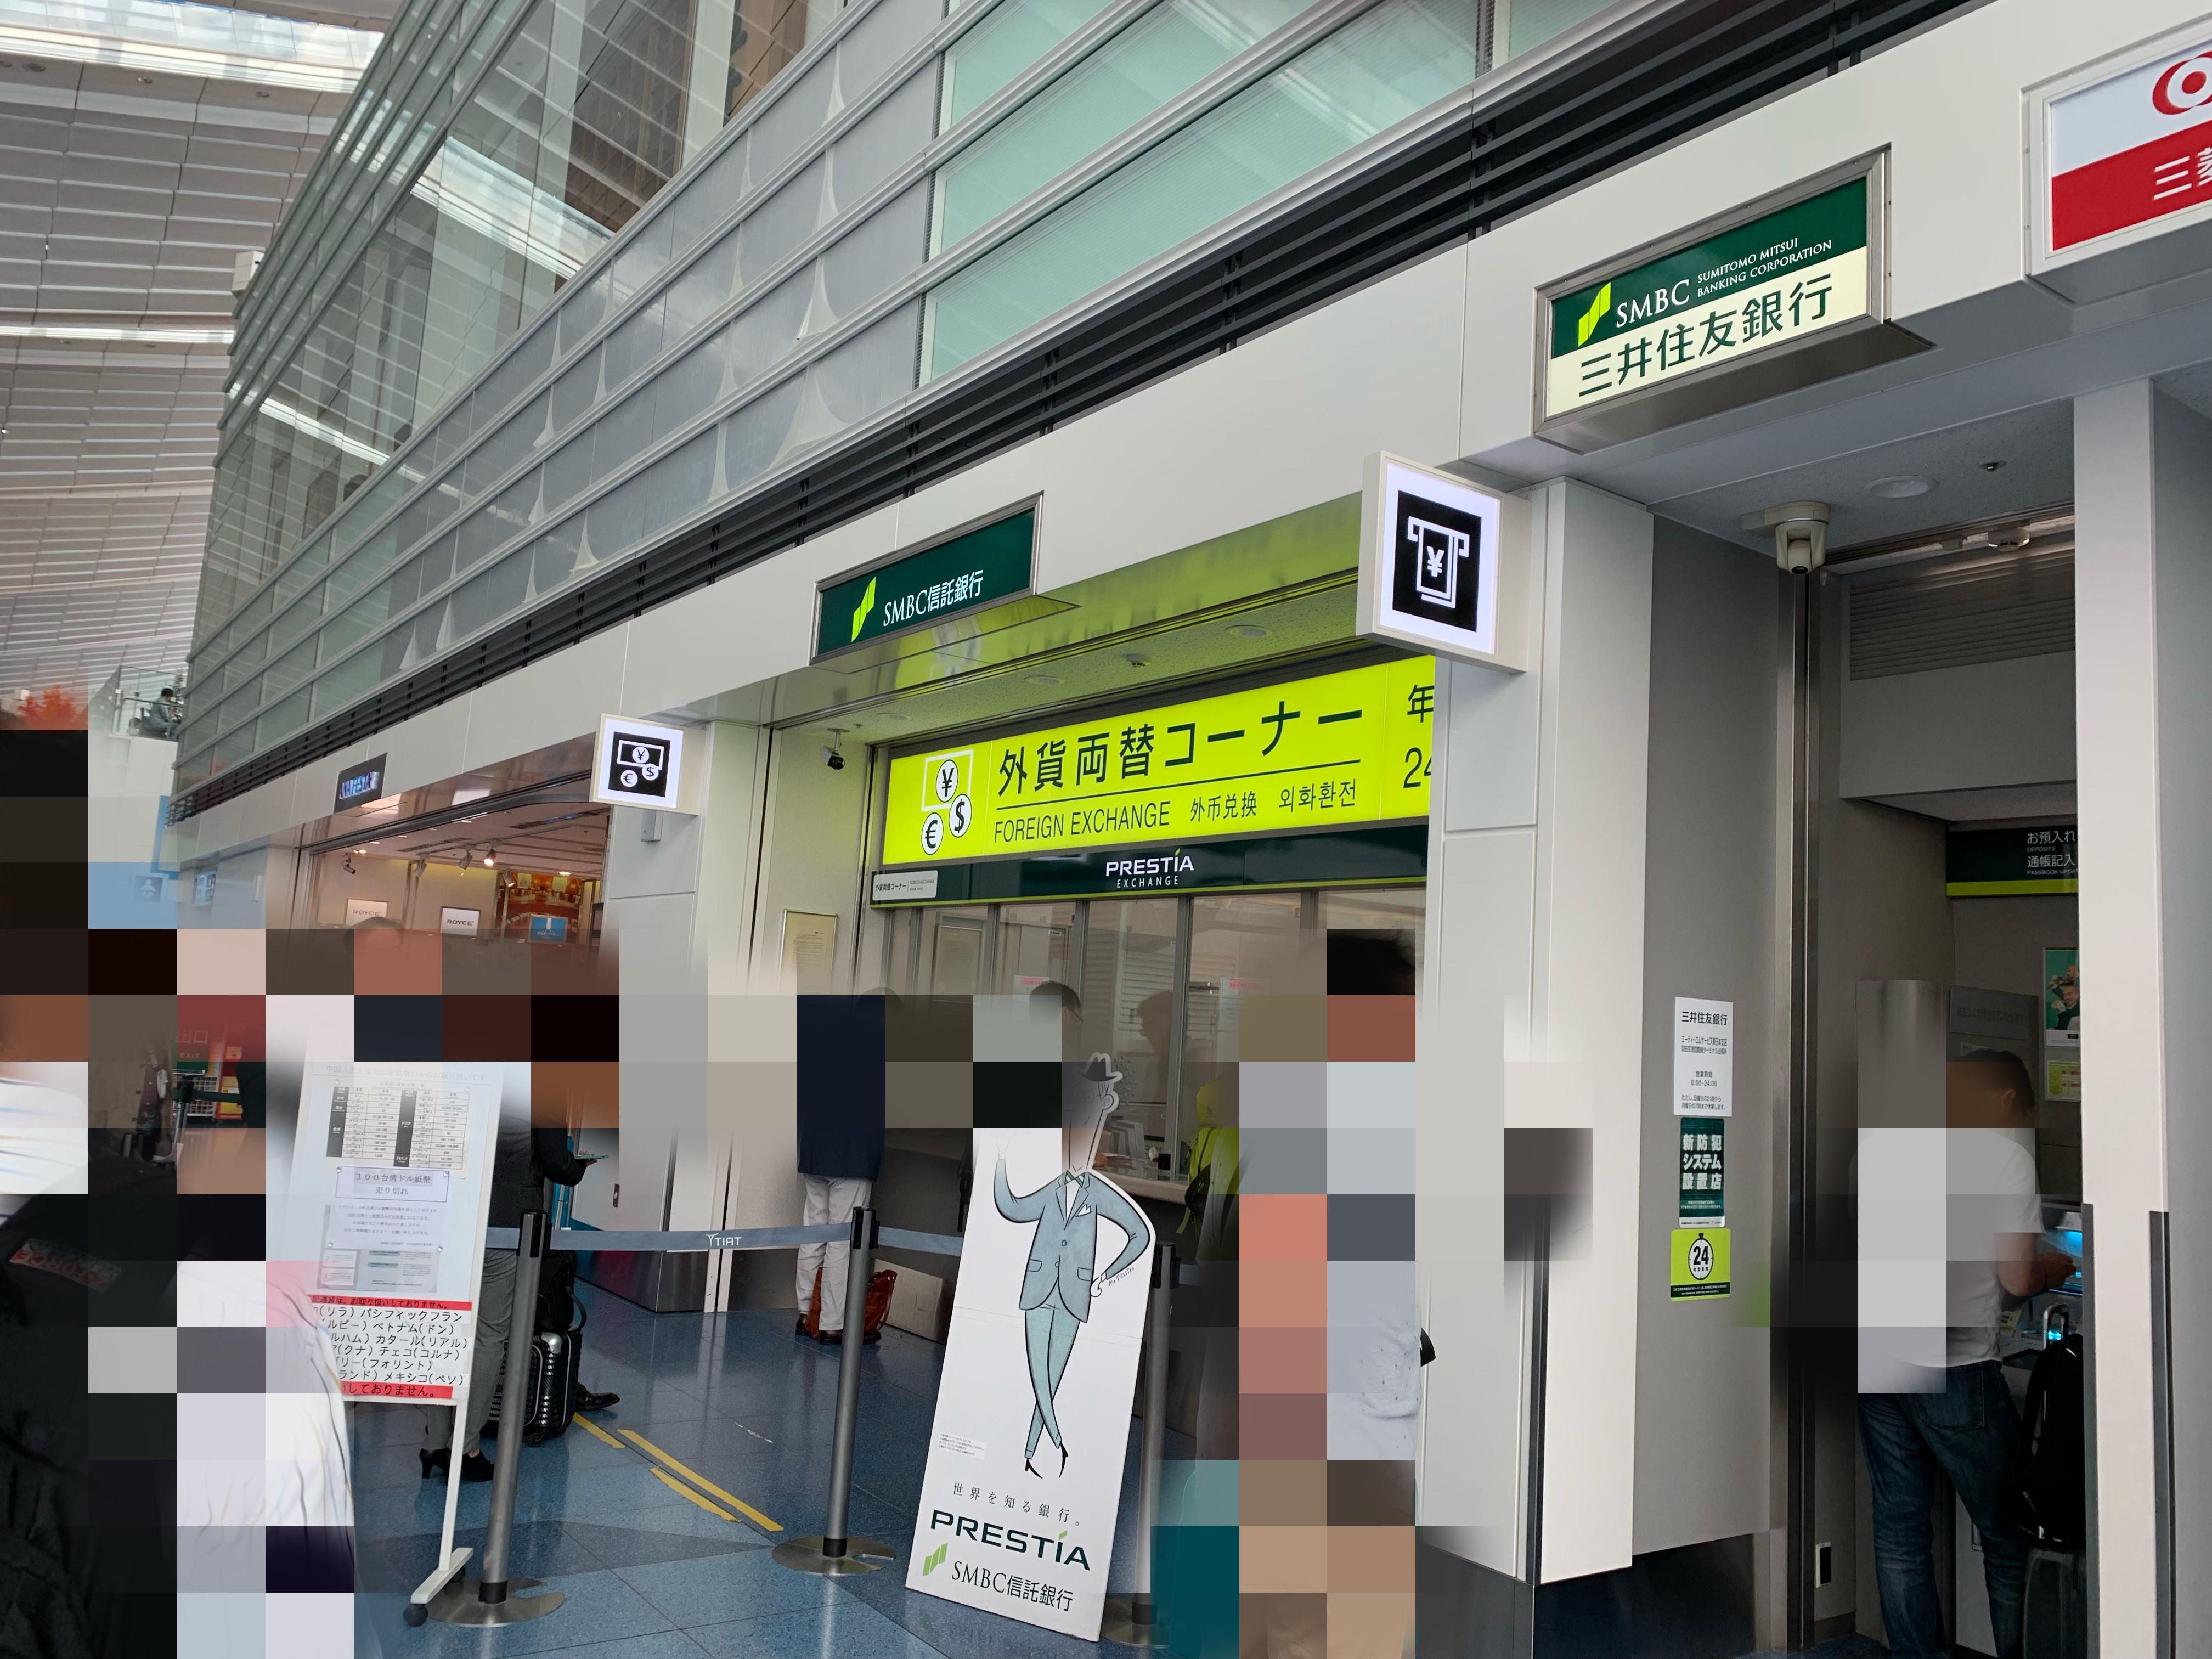 羽田空港国際線ターミナルの両替所の画像